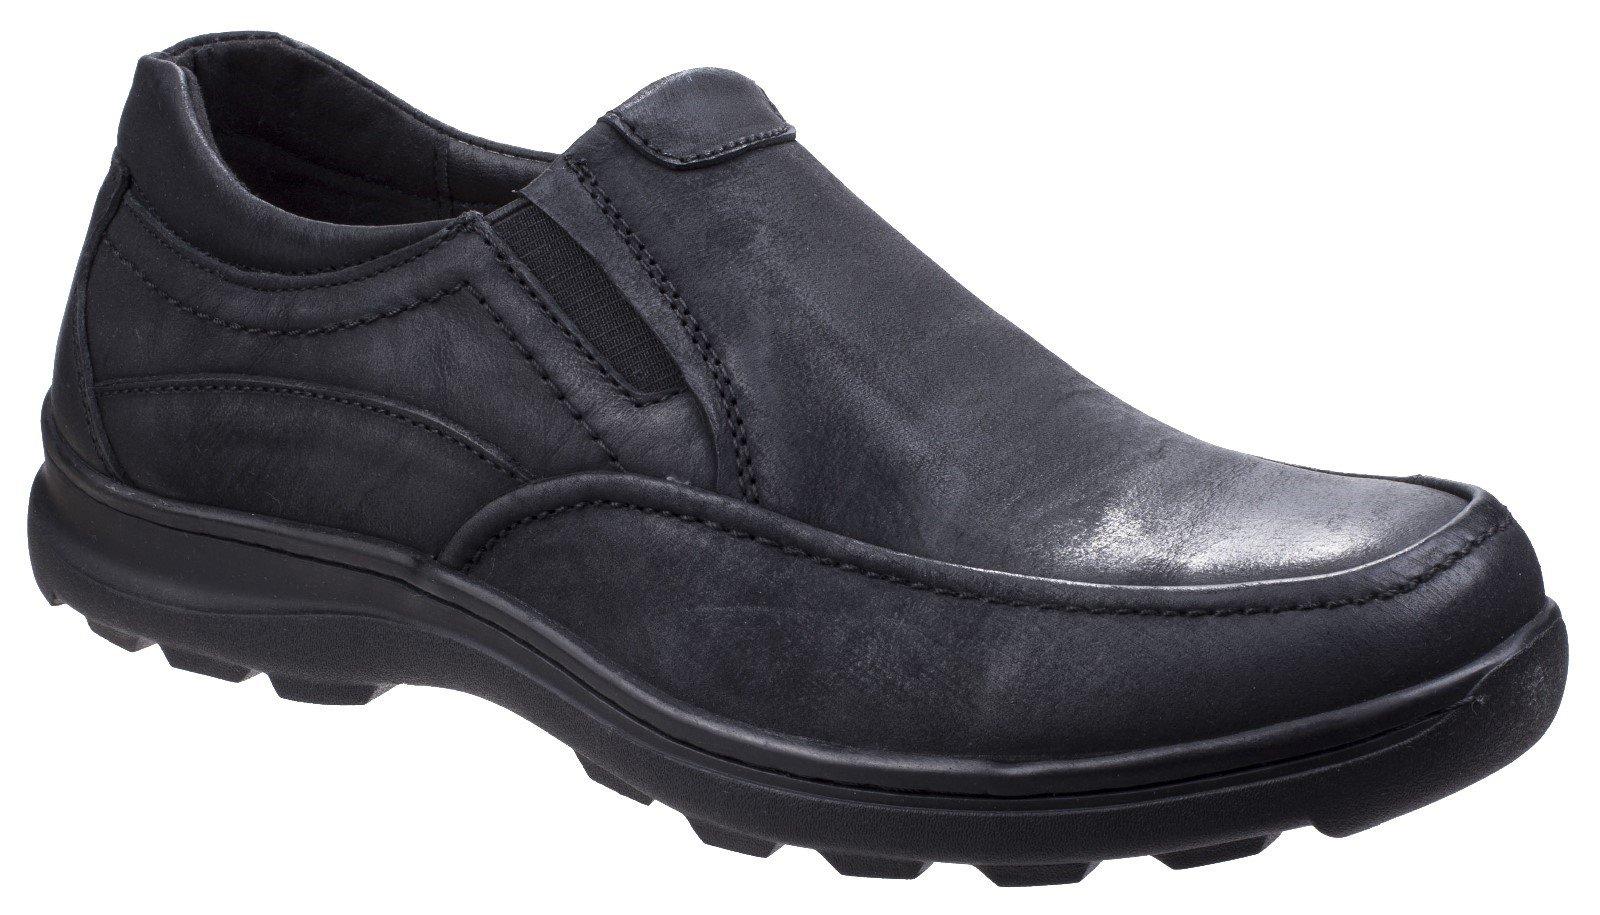 Fleet & Foster Men's Goa Slip On Shoe Black 26315-43925 - Black 7